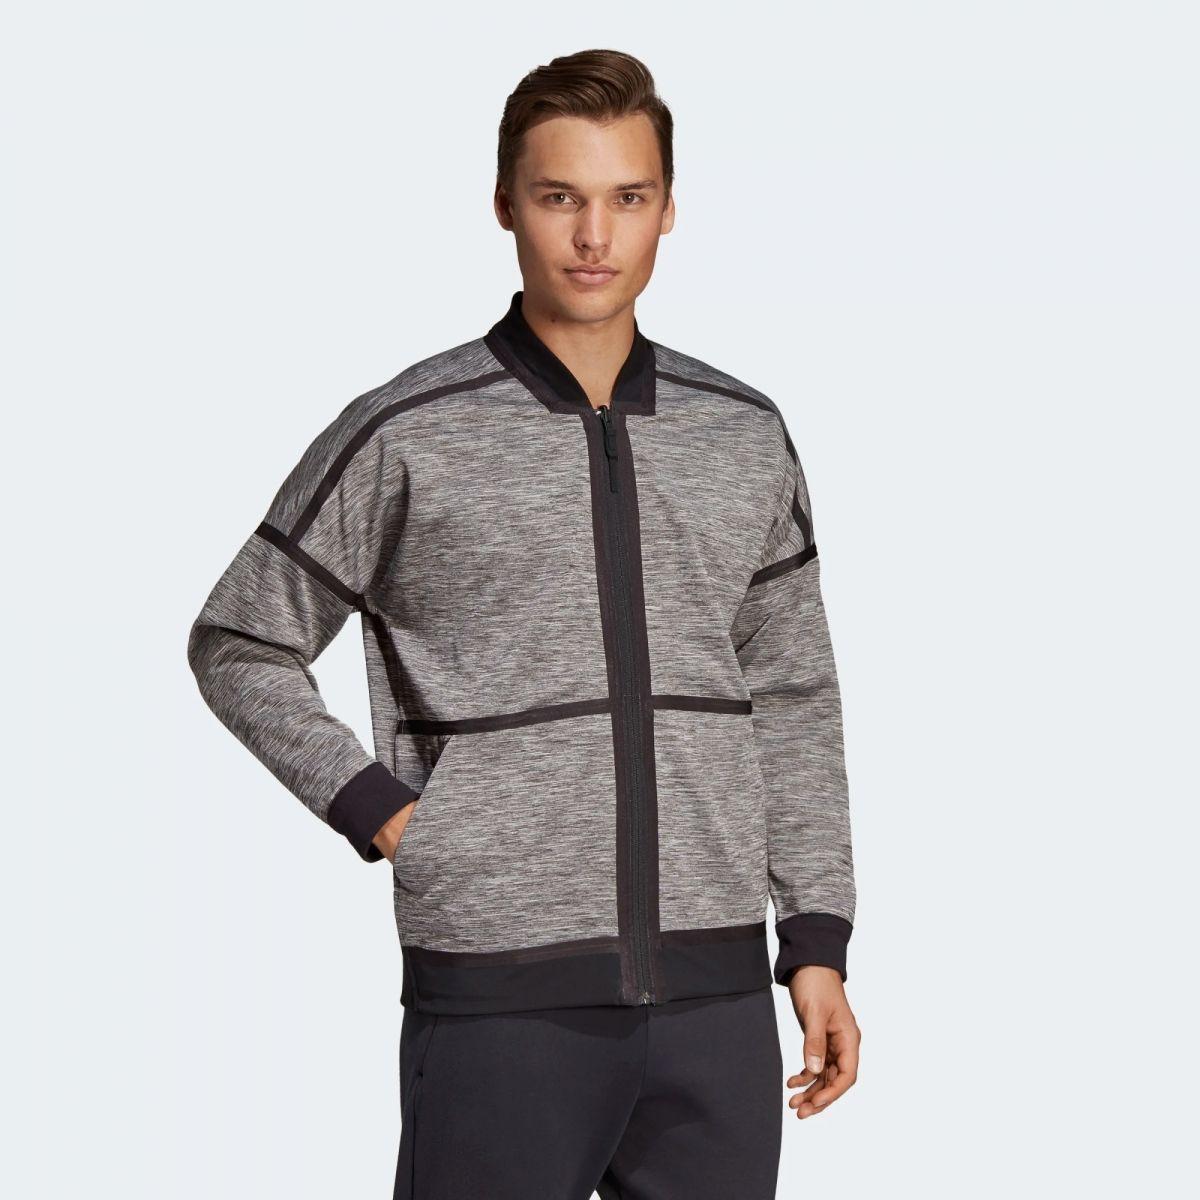 Parche algo Bienes diversos  Type Hoodies adidas Z.N.E Reversible Jacket